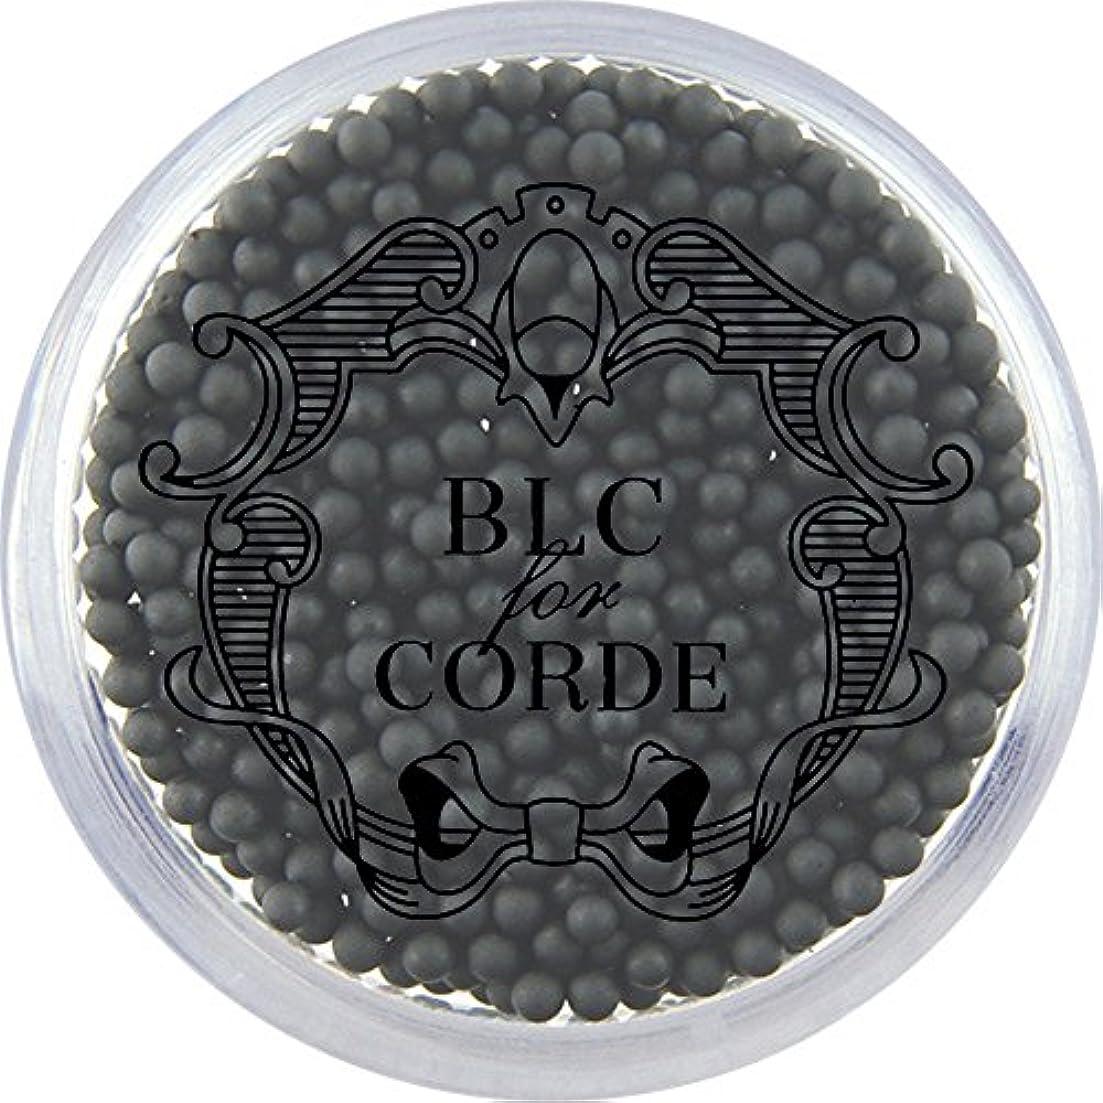 泣いているあえぎ舗装するBLC FOR CORDE ガラスブリオン ブラック